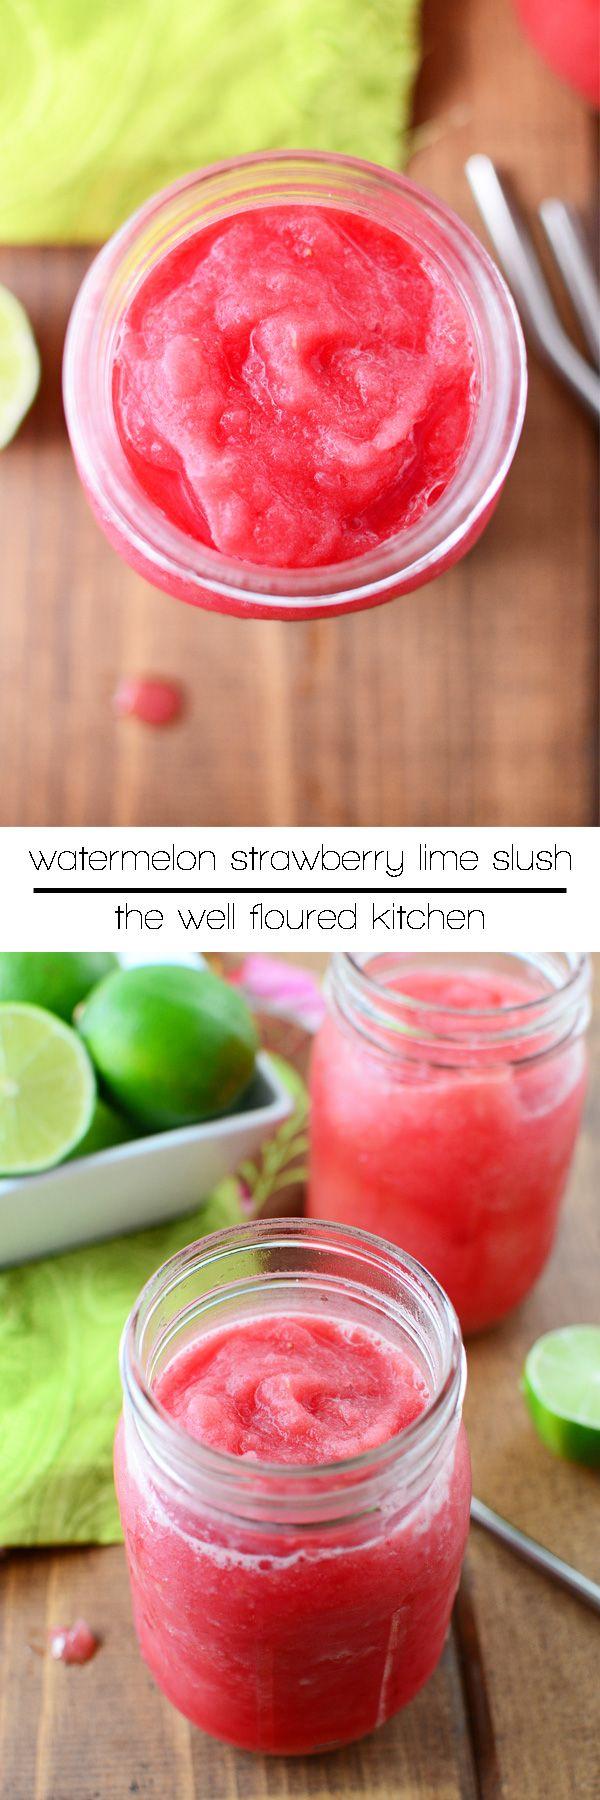 25+ best ideas about Strawberry Slush on Pinterest | Slush ...